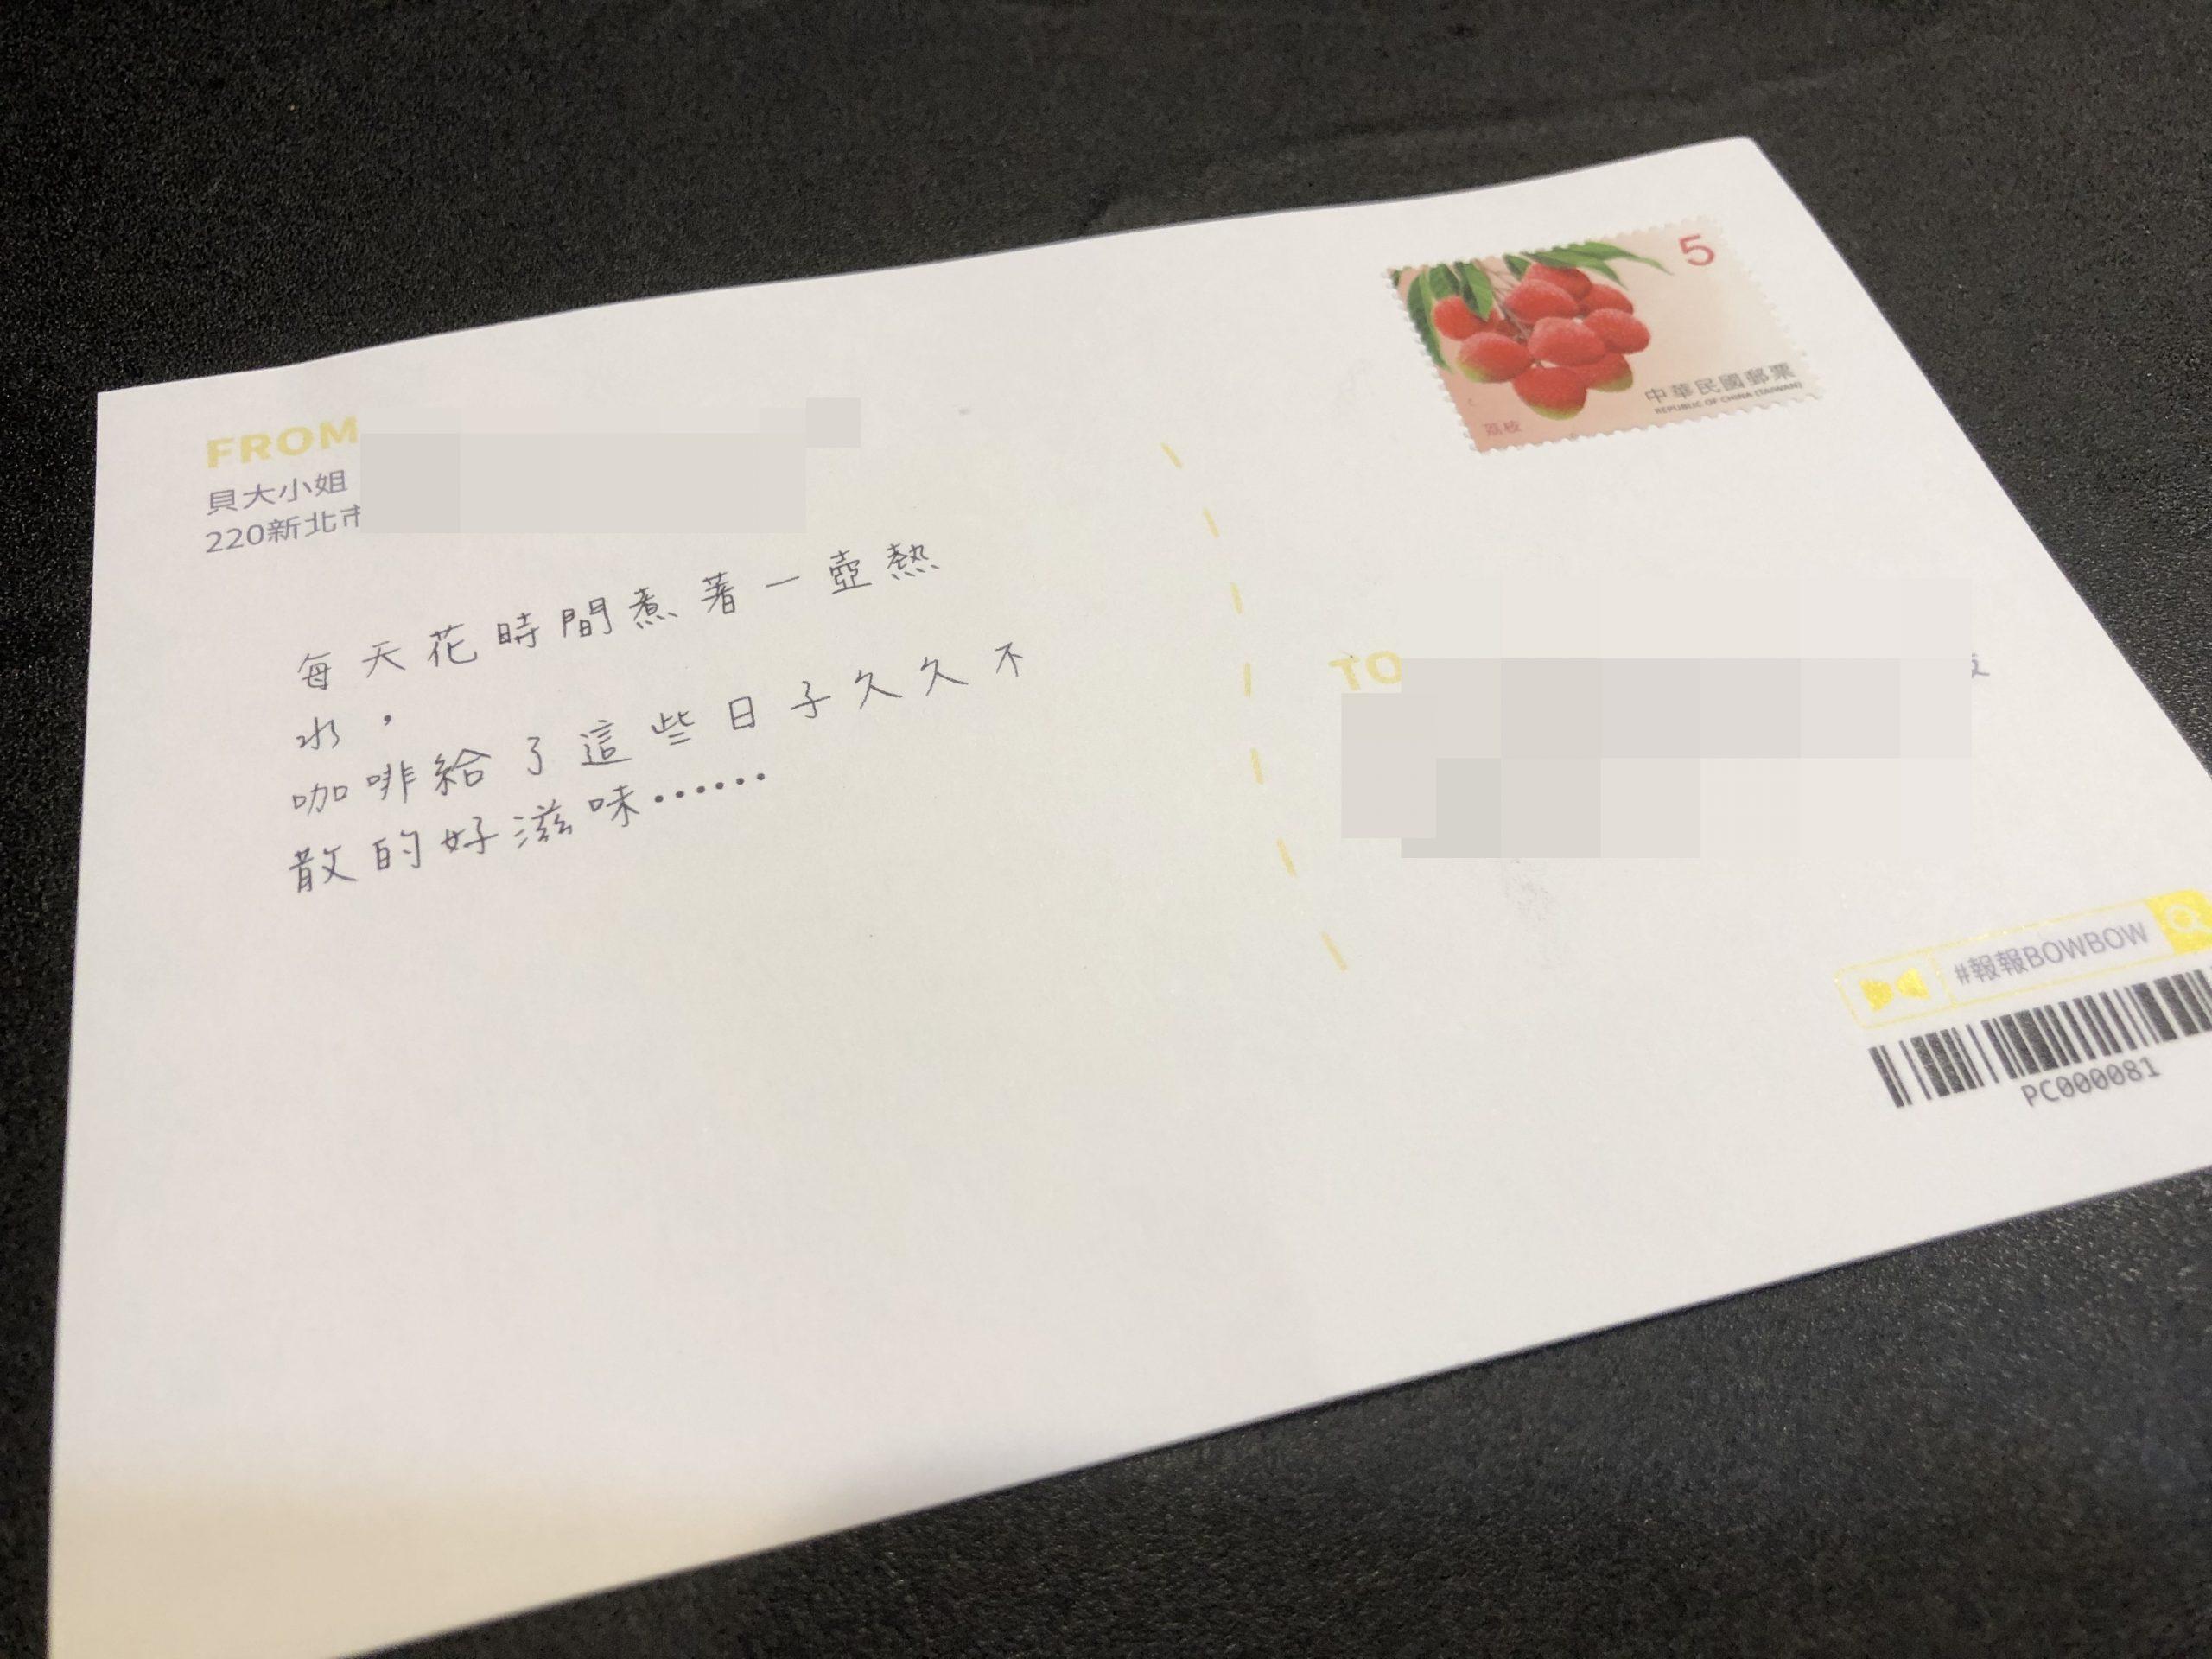 【網路購物 網路服務】報報BowBow – 魔法明信片 @貝大小姐與瑞餚姐の囂脂私蜜話